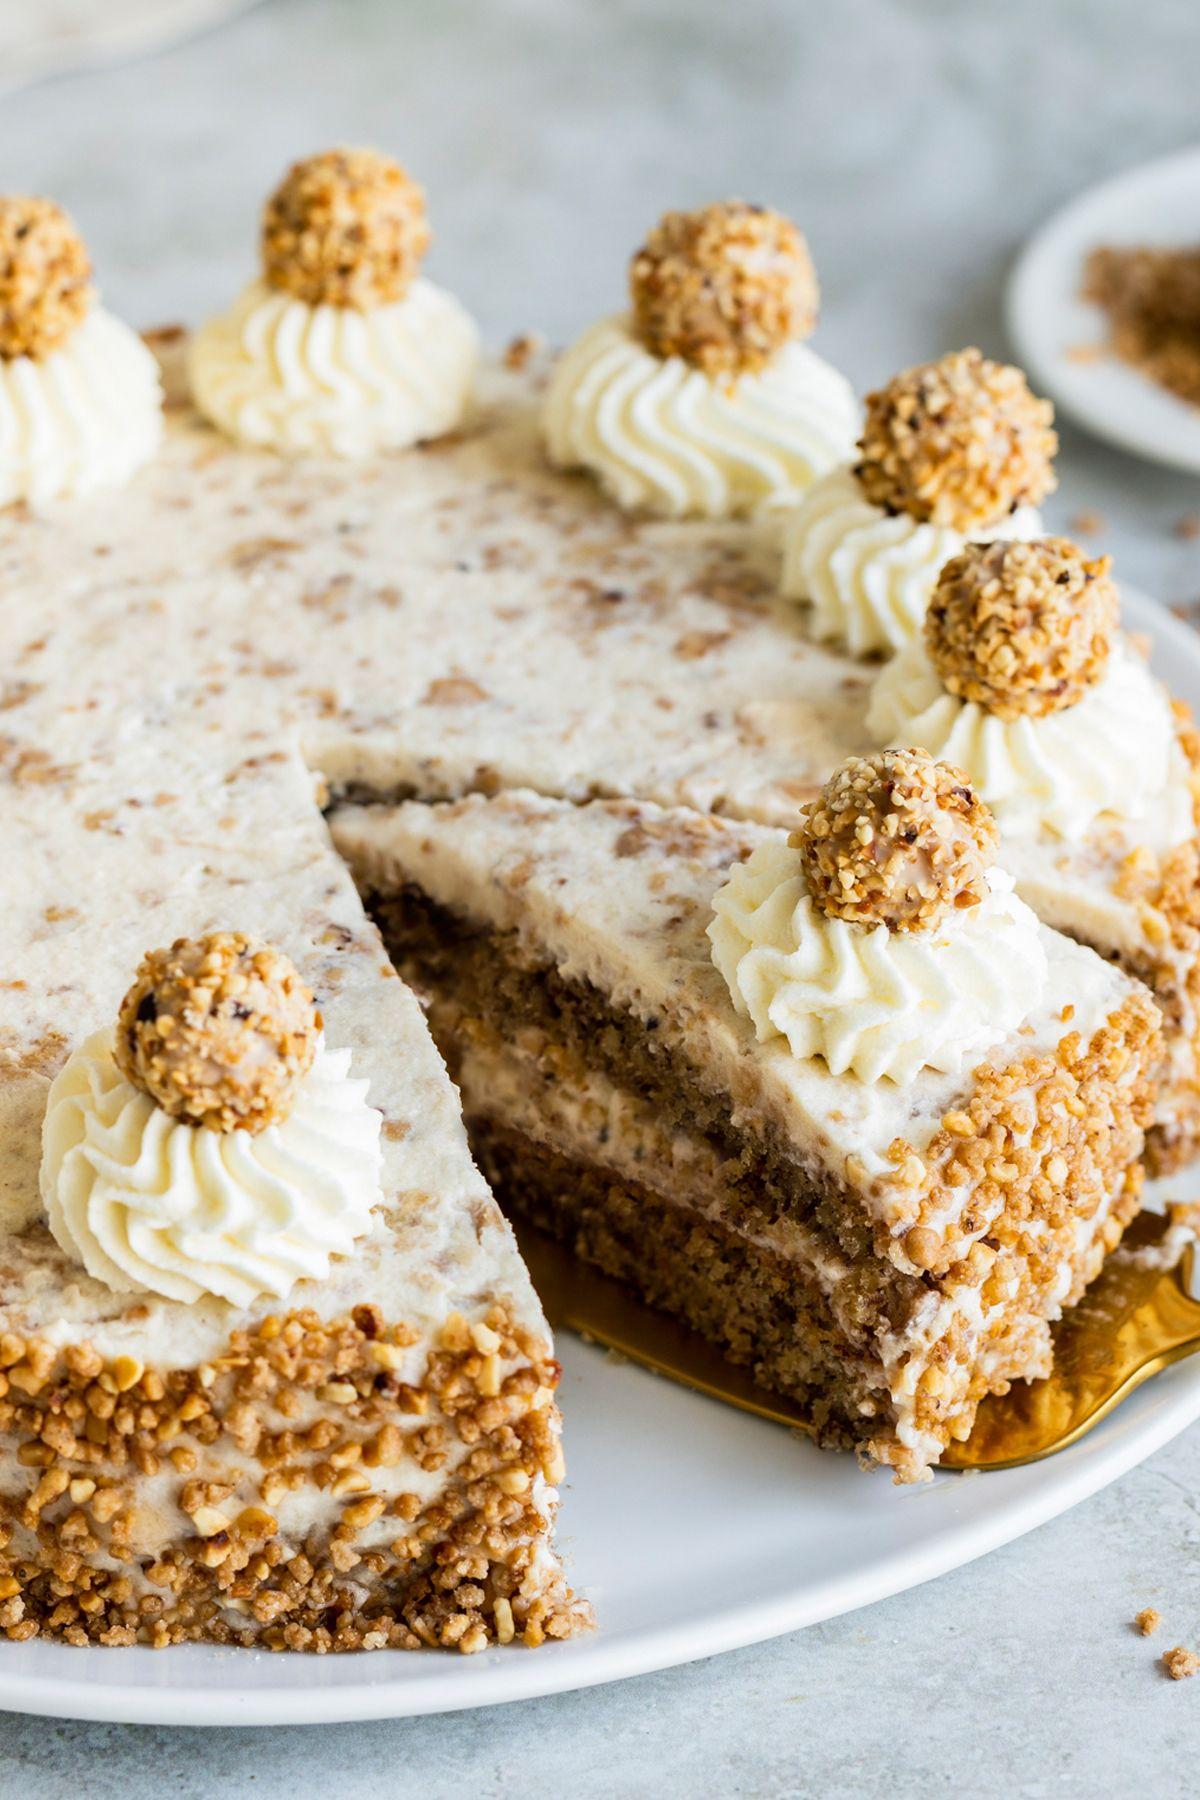 Giotto Torte Einfach Selber Backen Die Besten Backrezepte Mit Gelinggarantie Rezept In 2020 Giotto Torte Rezept Kuchen Und Torten Rezepte Giotto Torte